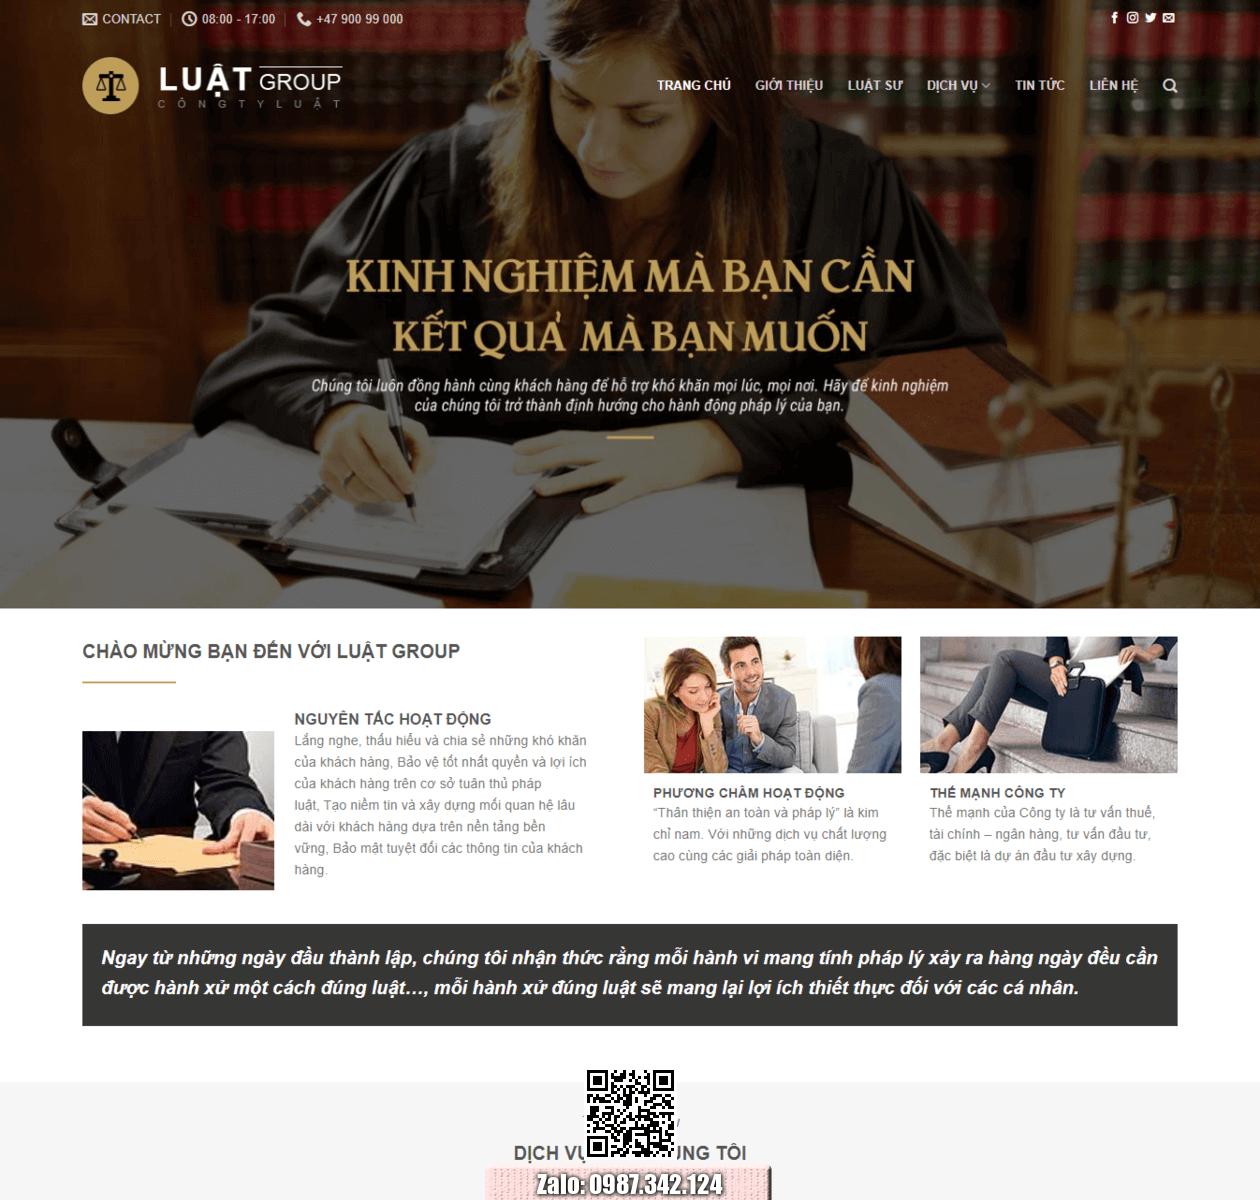 Mẫu web công ty luật thumbnail